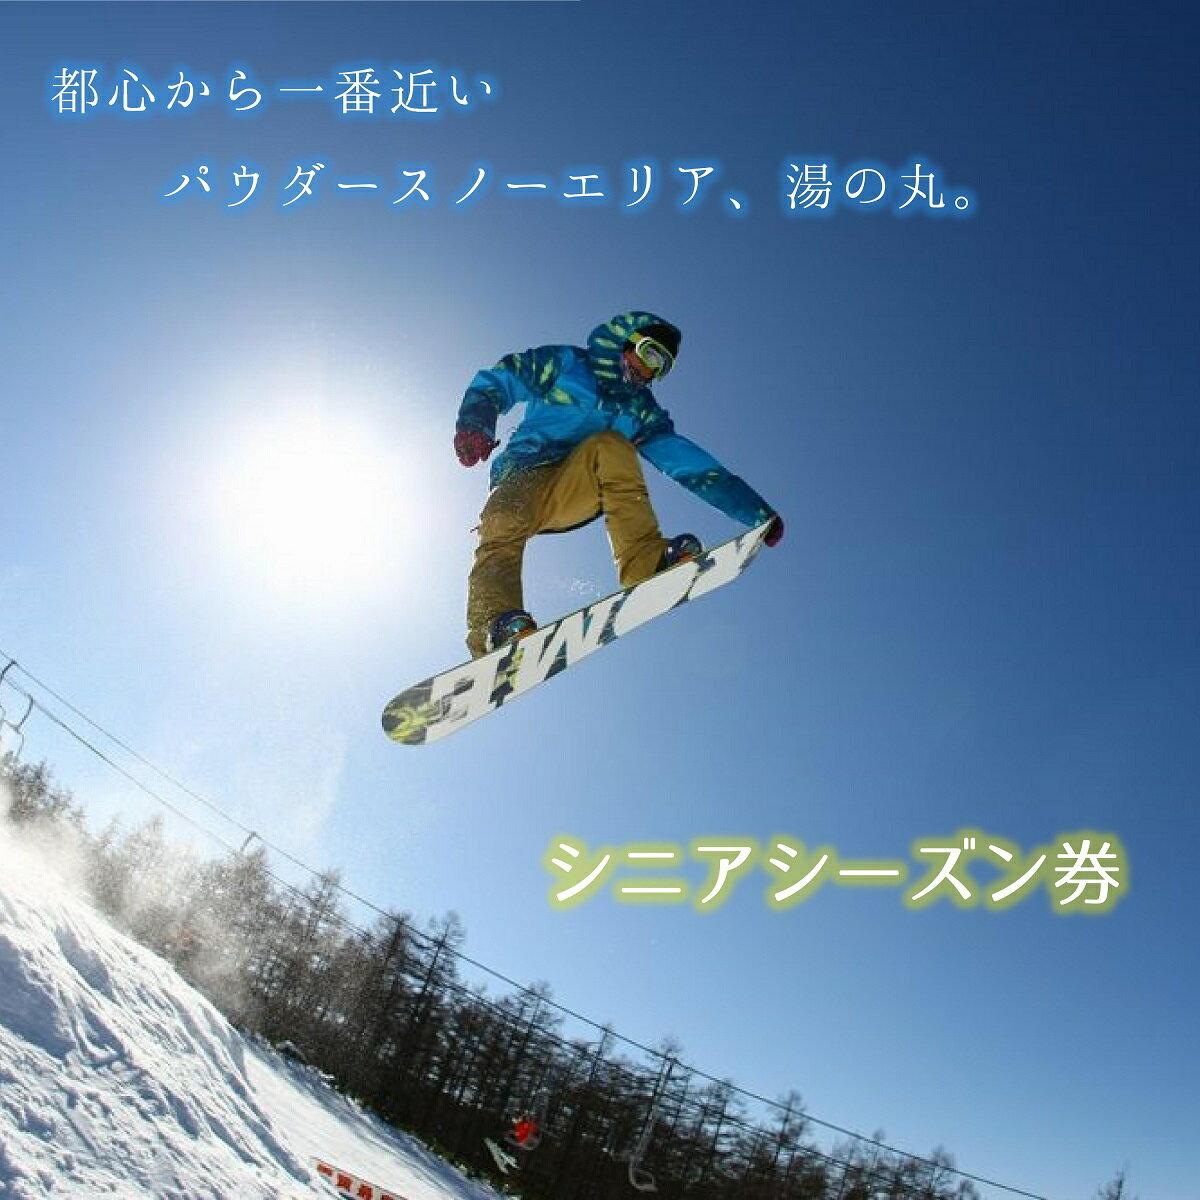 【ふるさと納税】湯の丸スキー場 シニアシーズン券